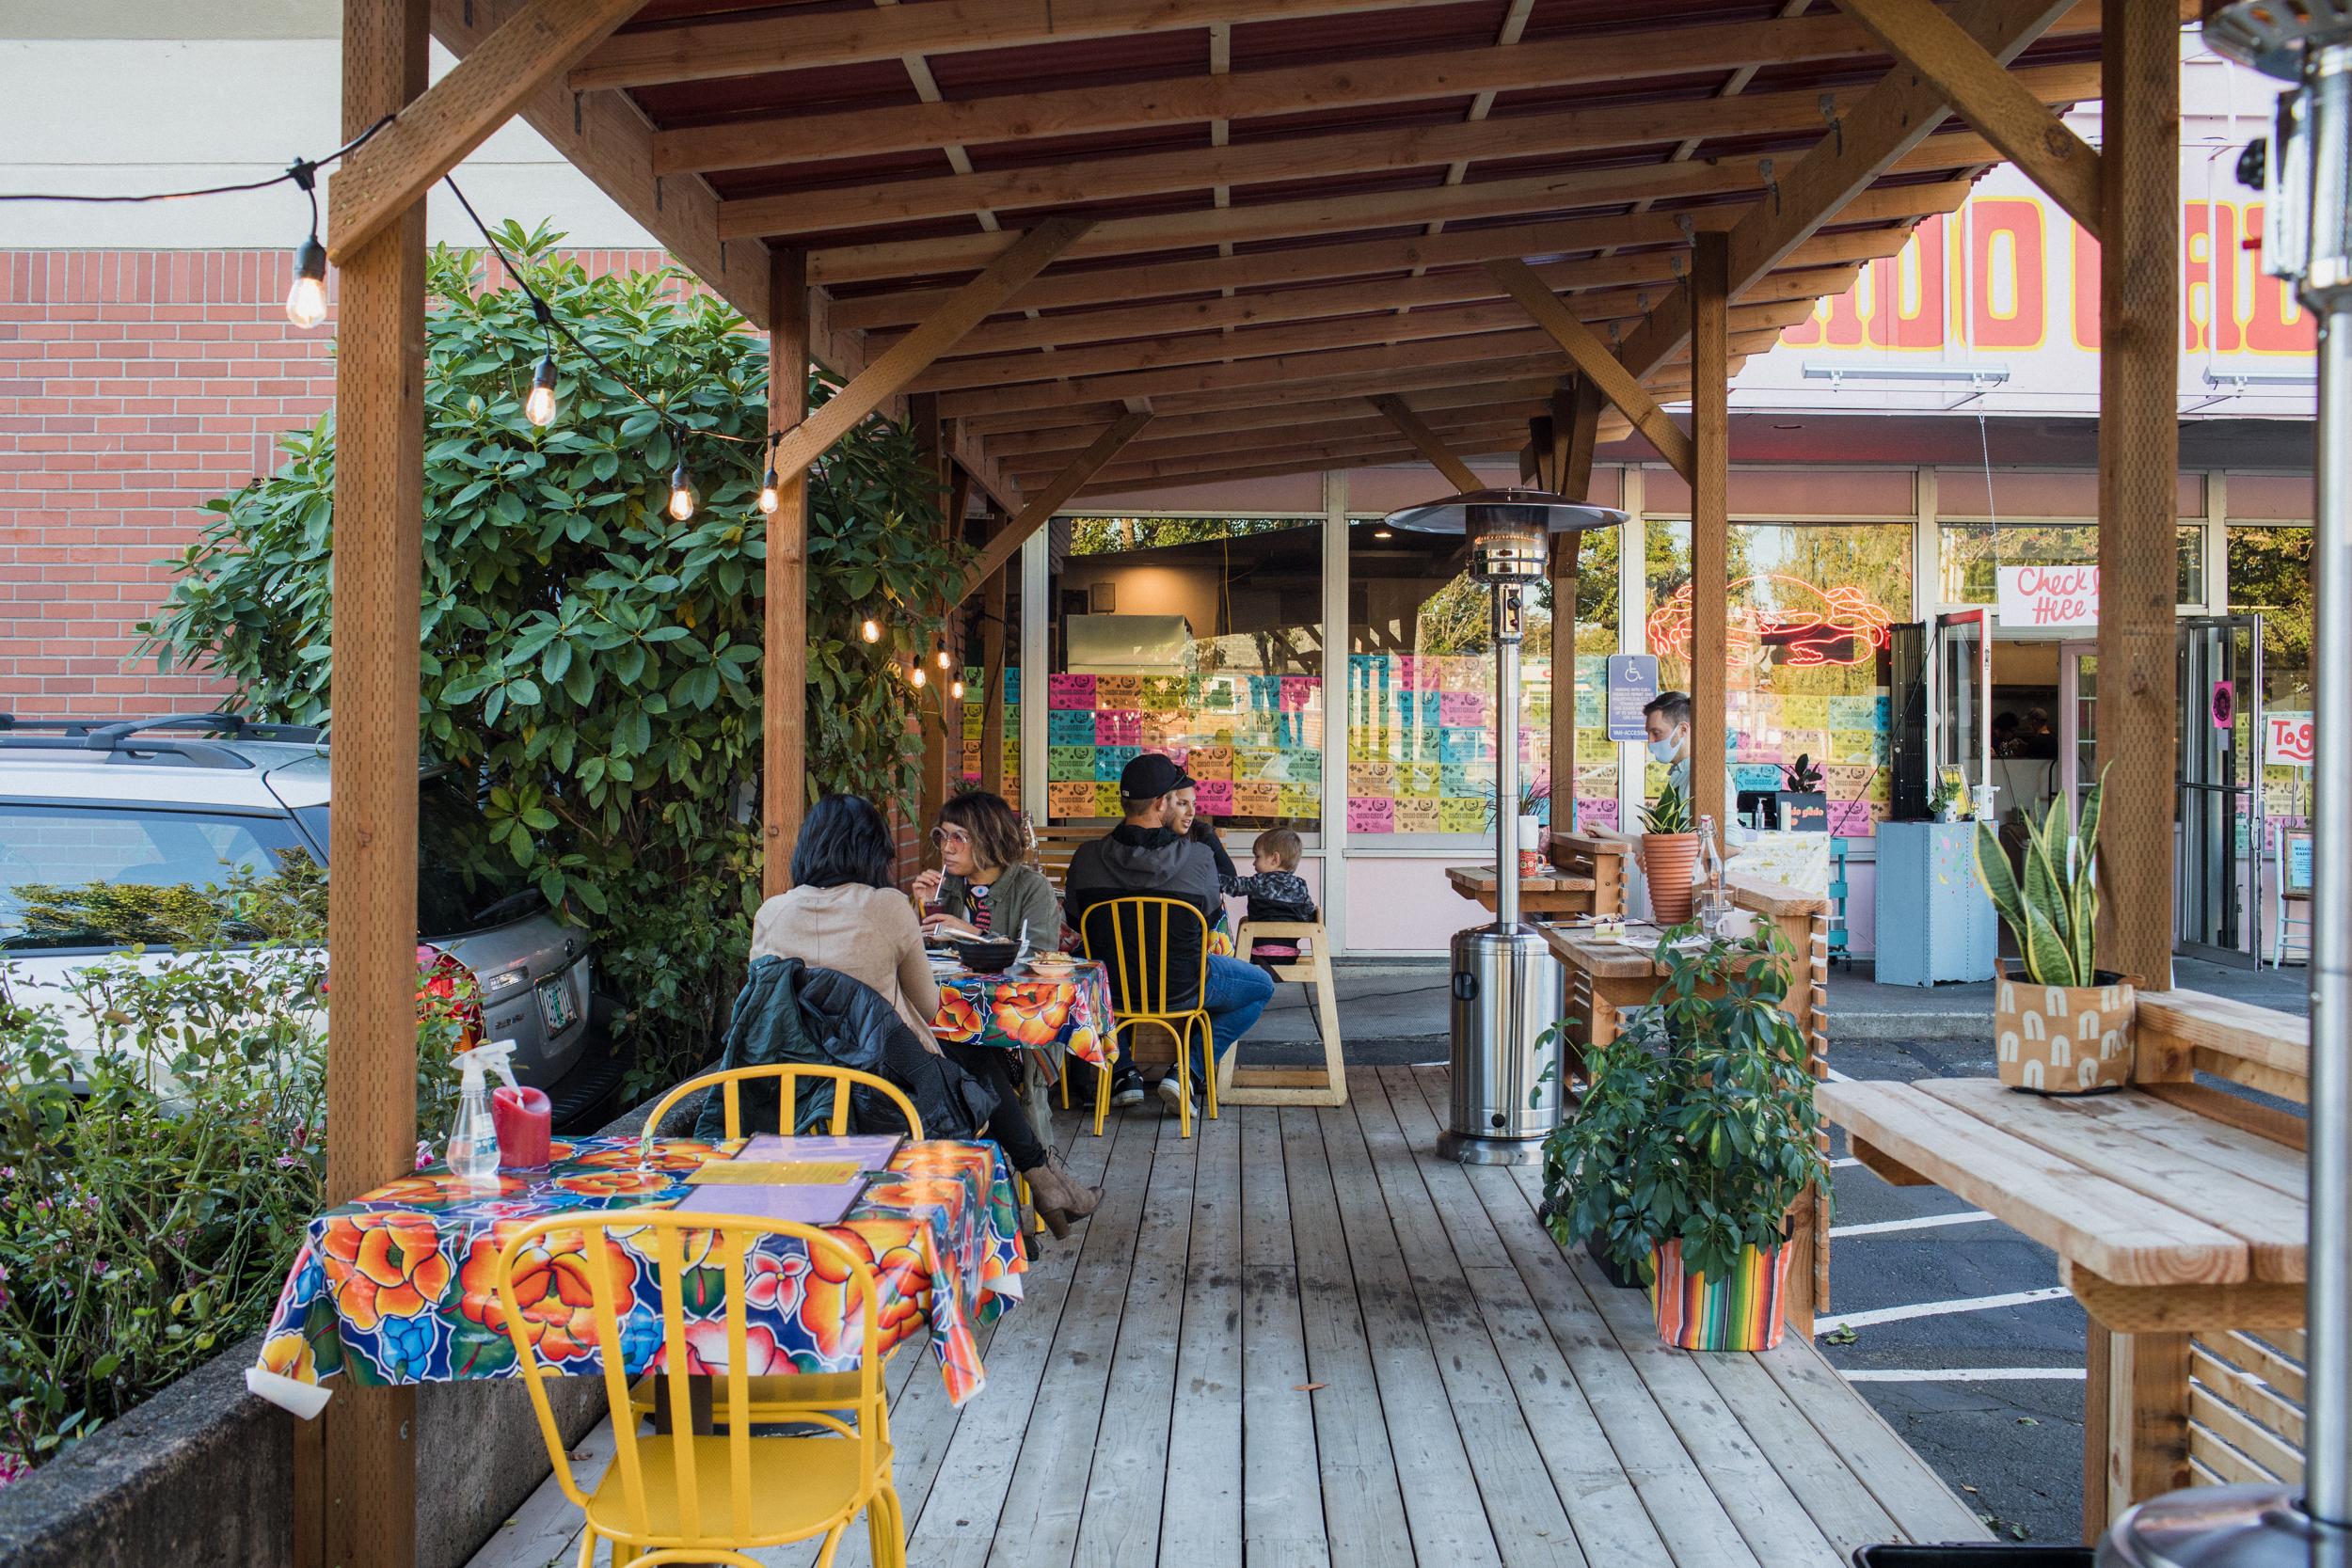 An outdoor patio at Gado Gado in Portland, Oregon